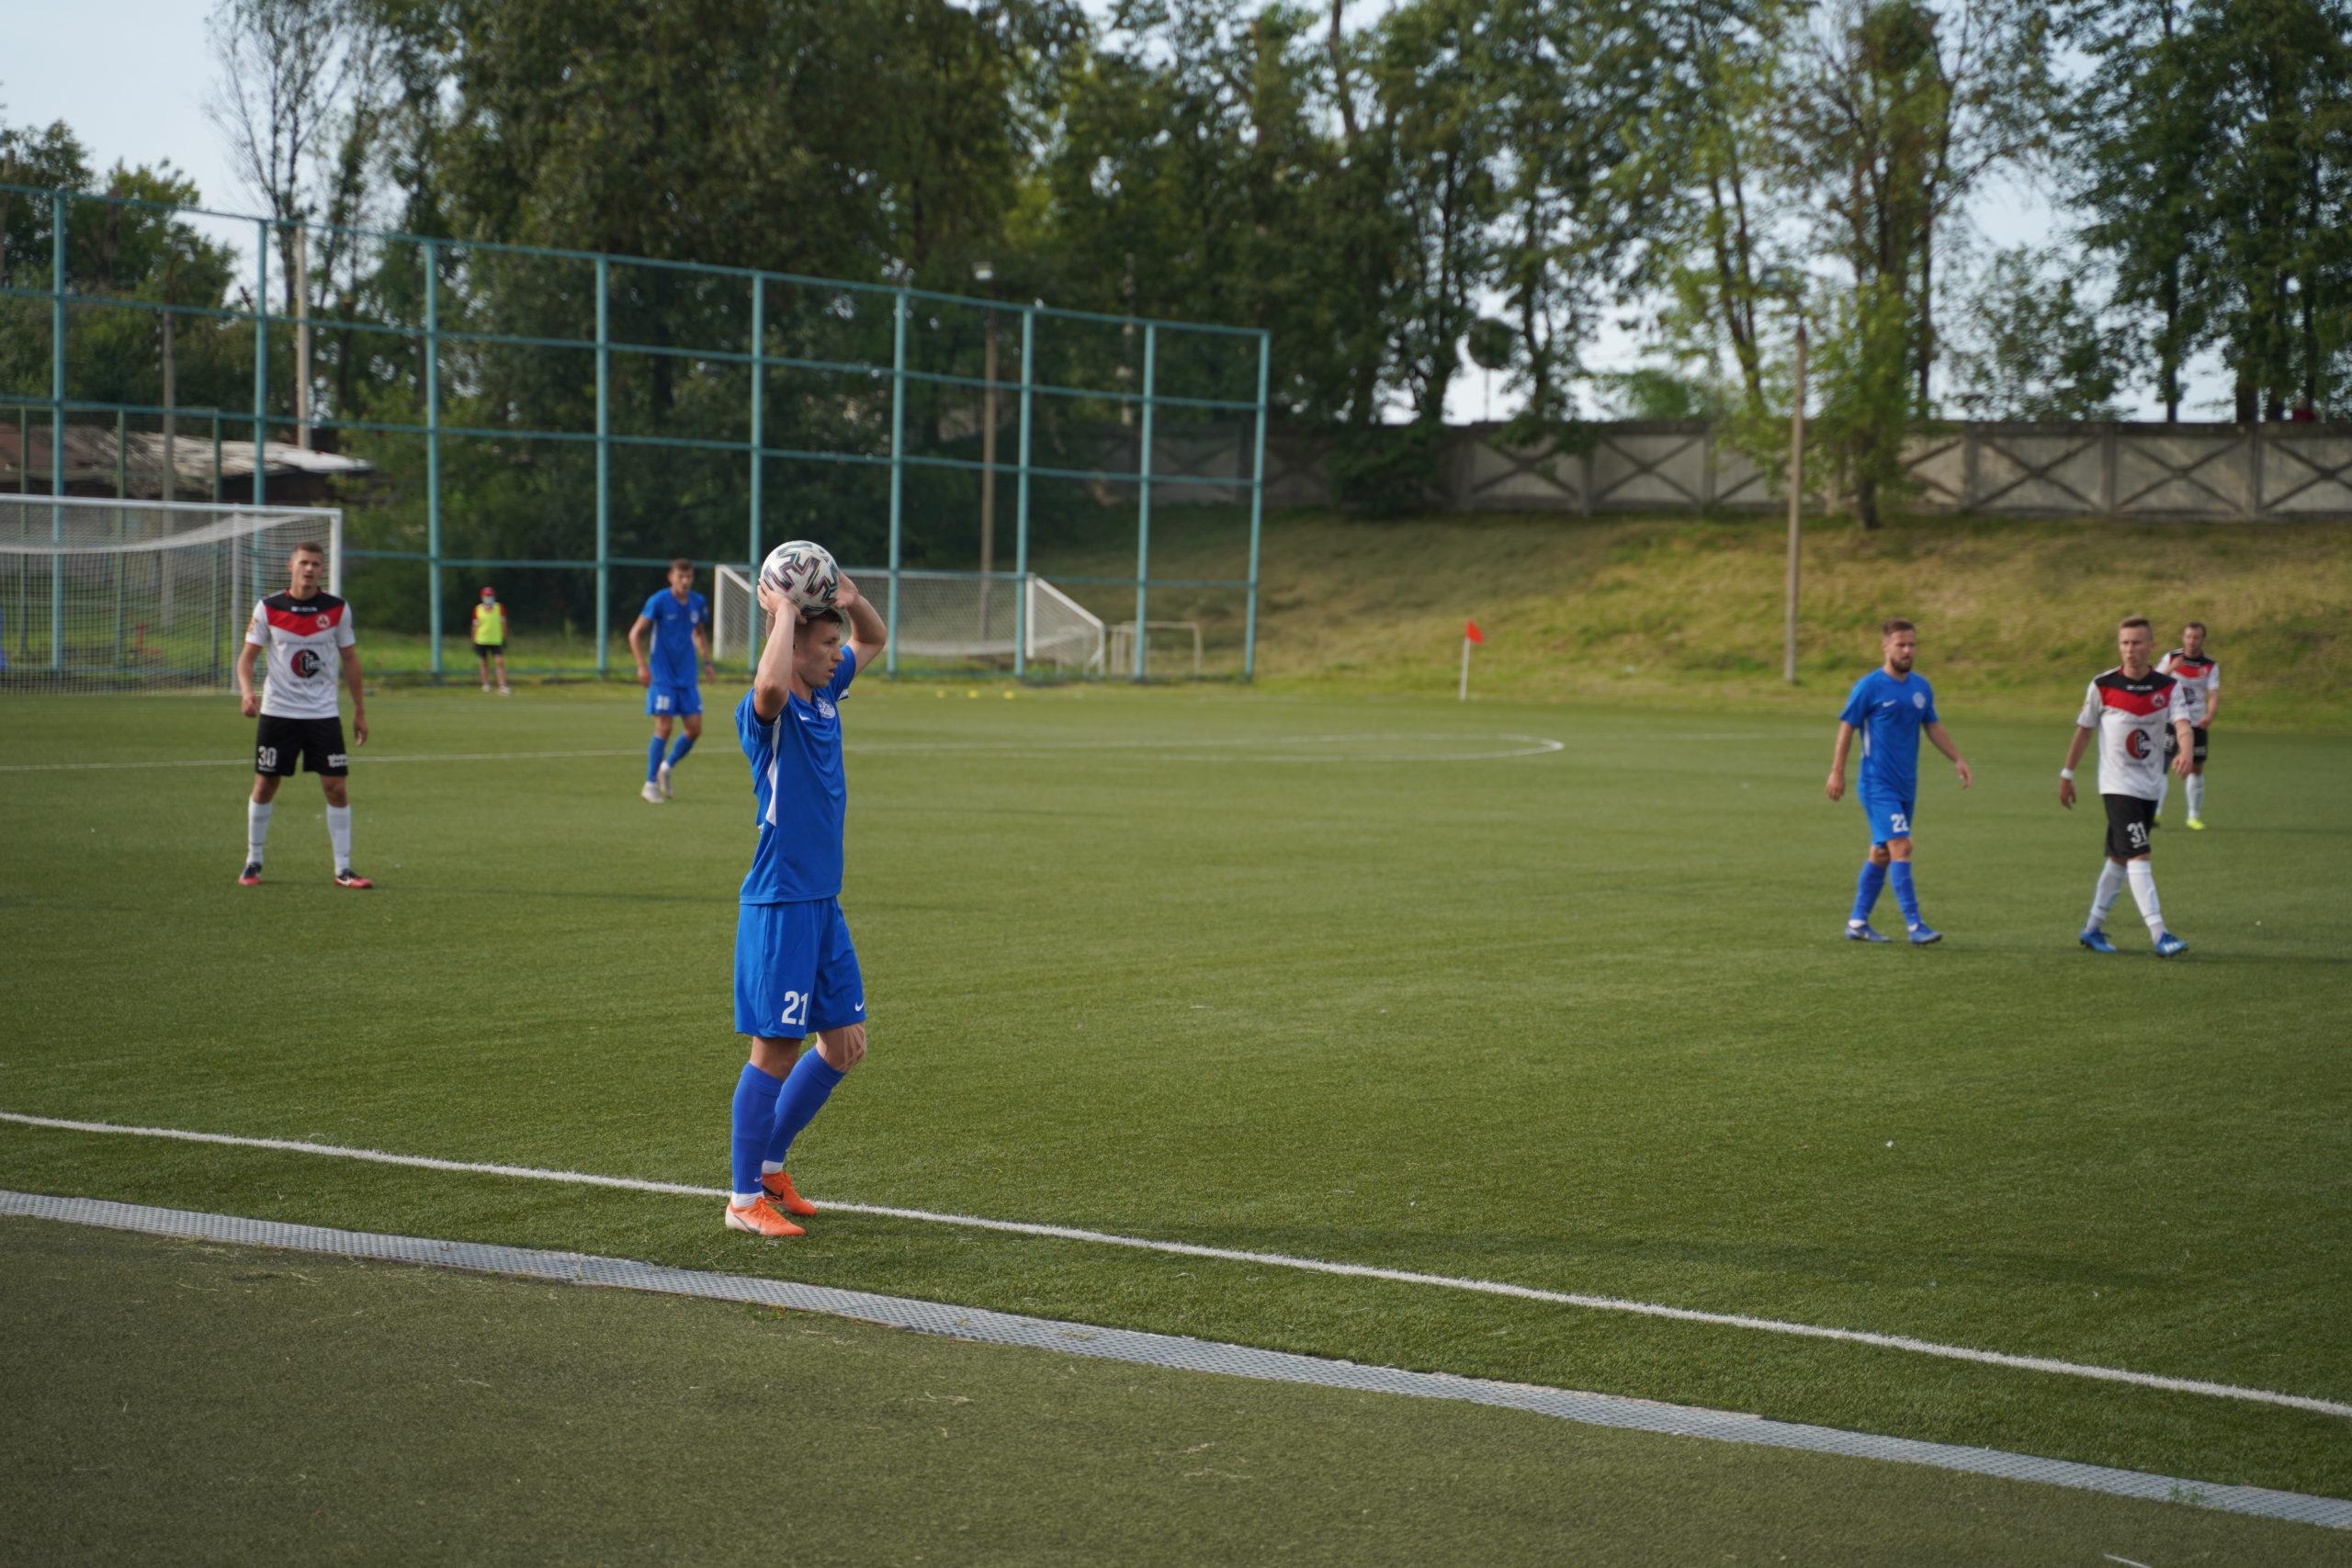 Первый блин - ... : Дебютная ига в профессиональном футболе для тверской команды закончилась поражением